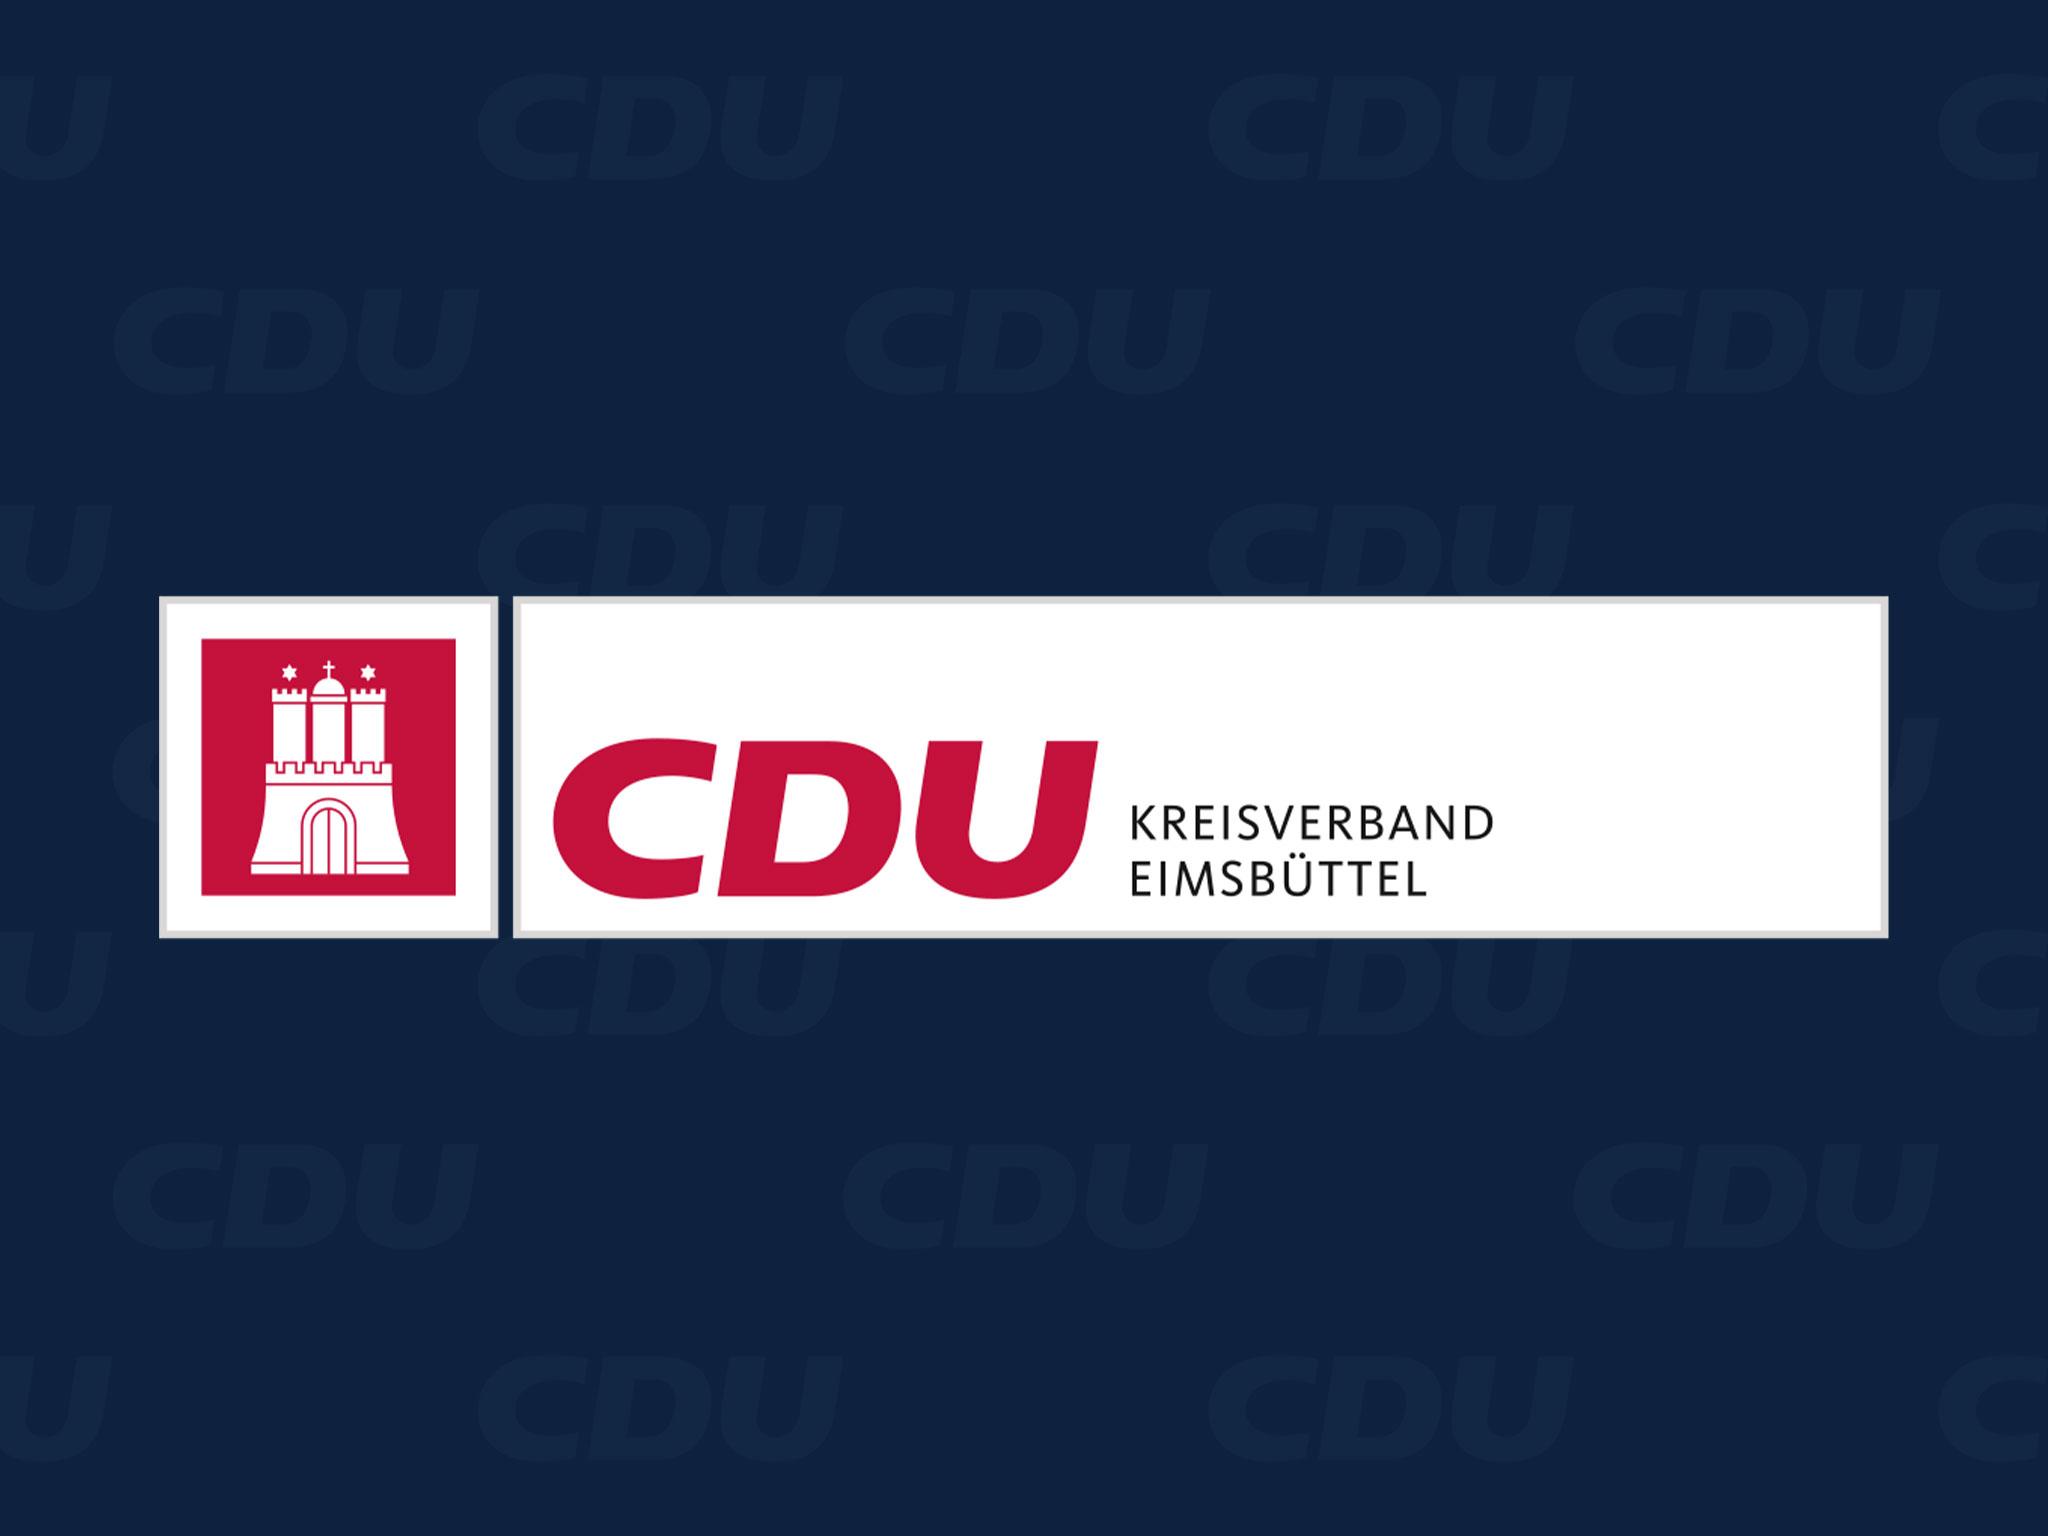 Kreisverband CDU Eimsbüttel